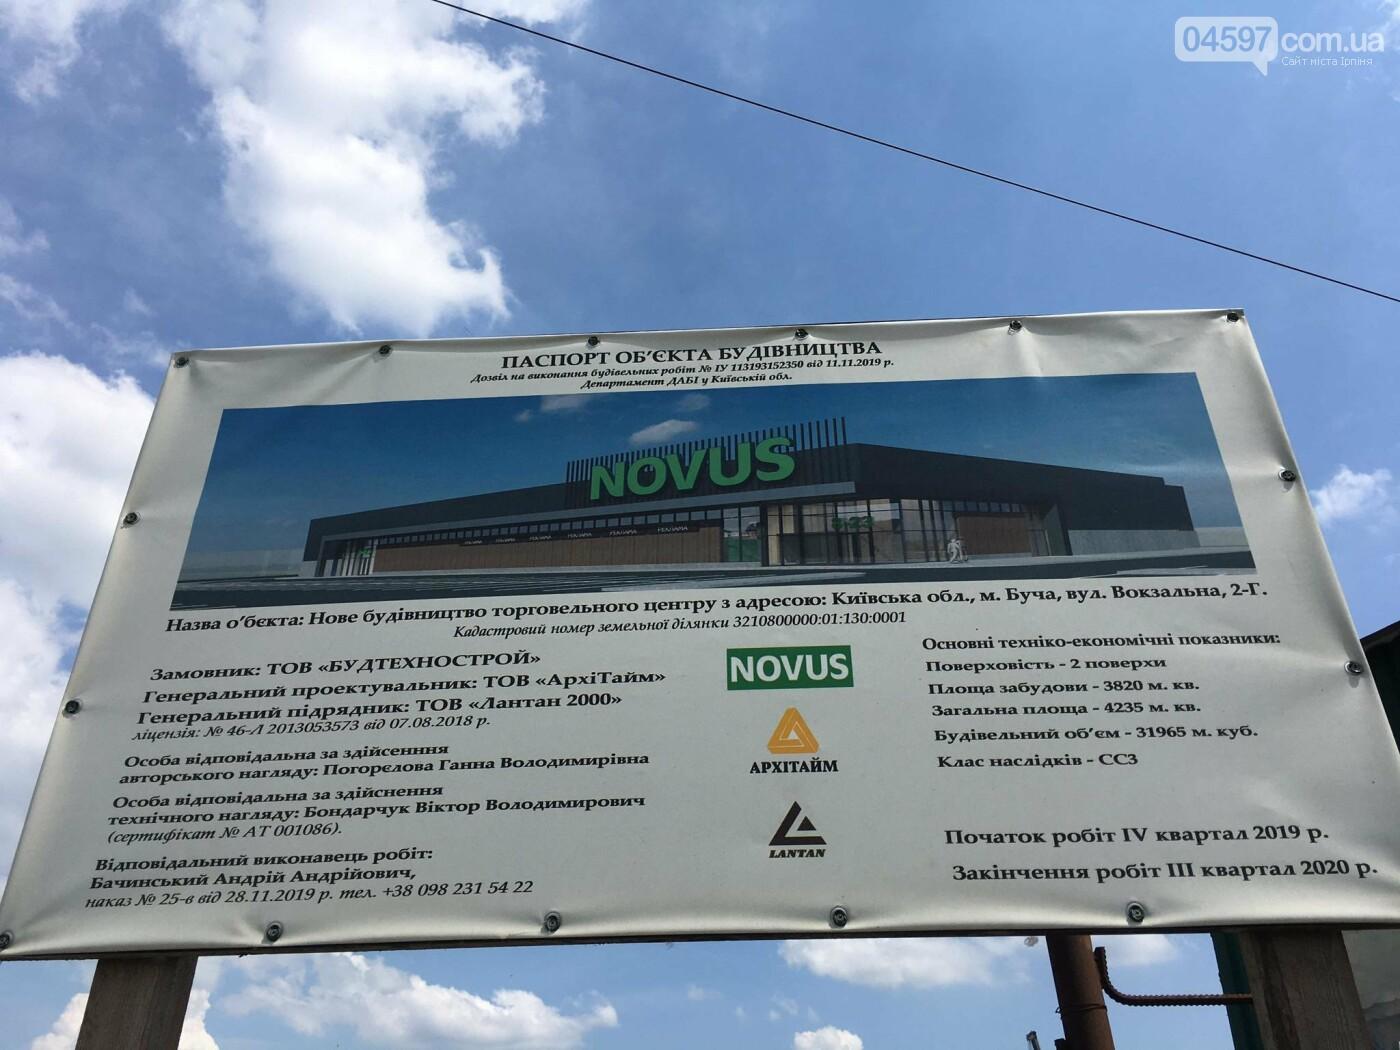 Біля Жирафу активно будують новий супермаркет, фото-2